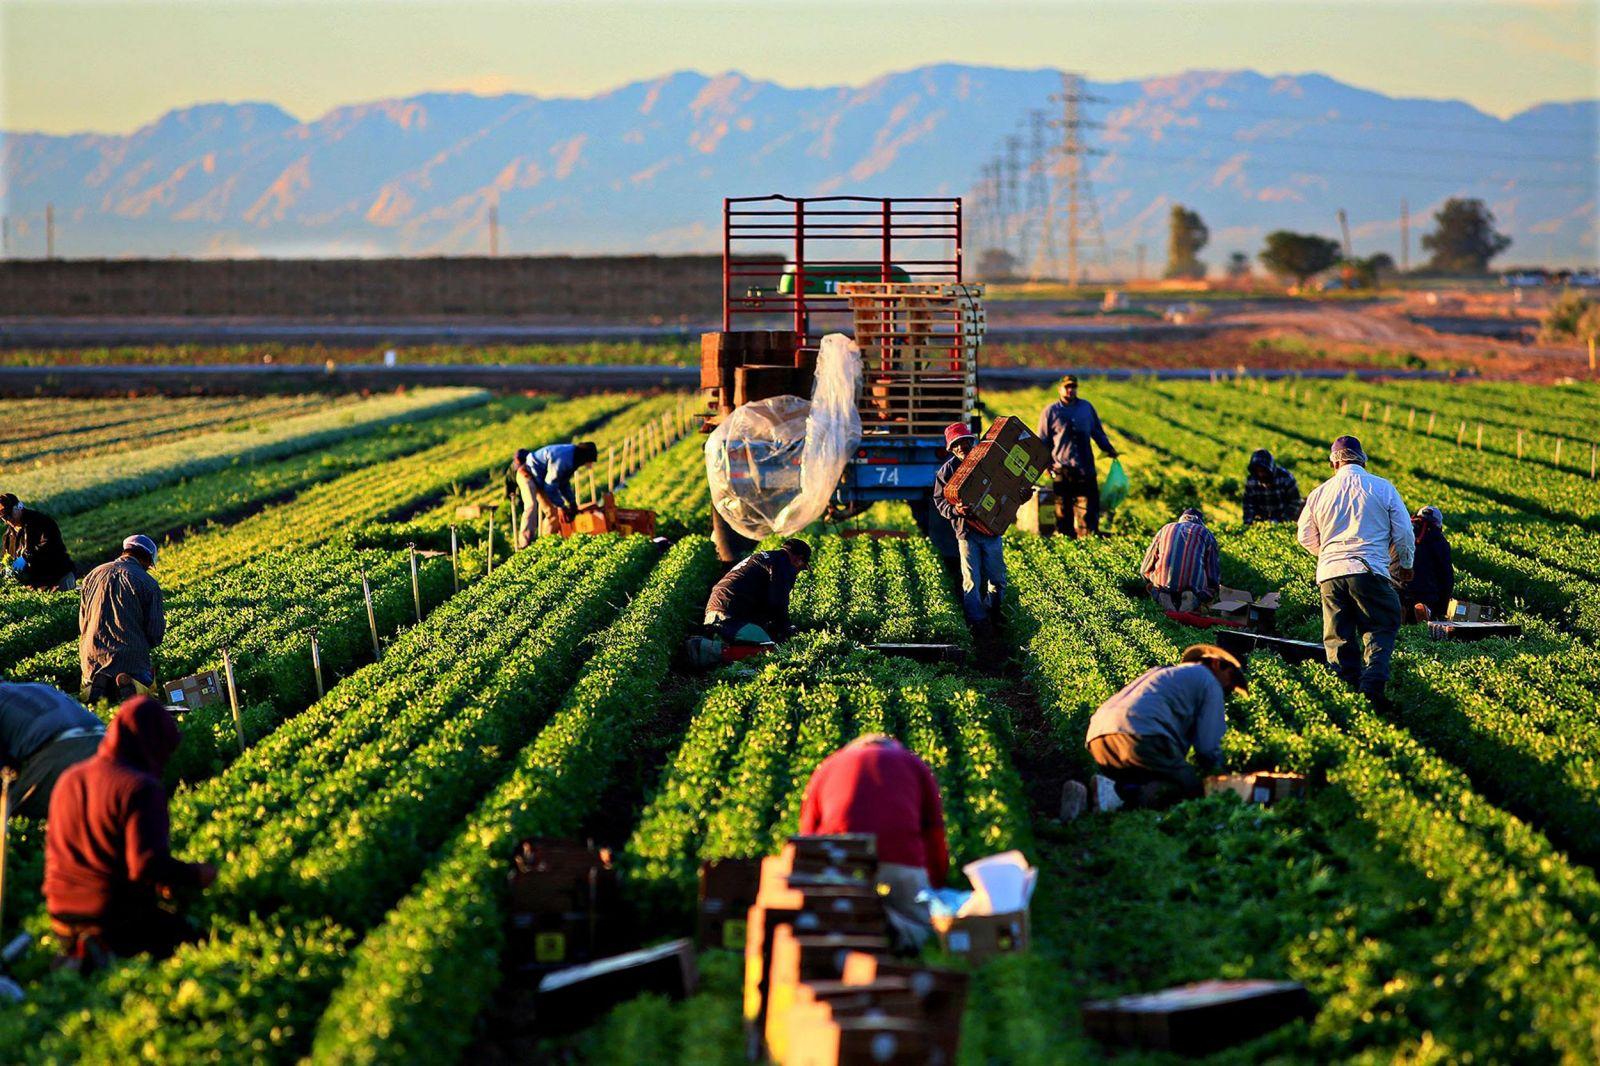 Toàn cầu hóa và các vấn đề môi trường nảy sinh trong nông nghiệp và nông thôn